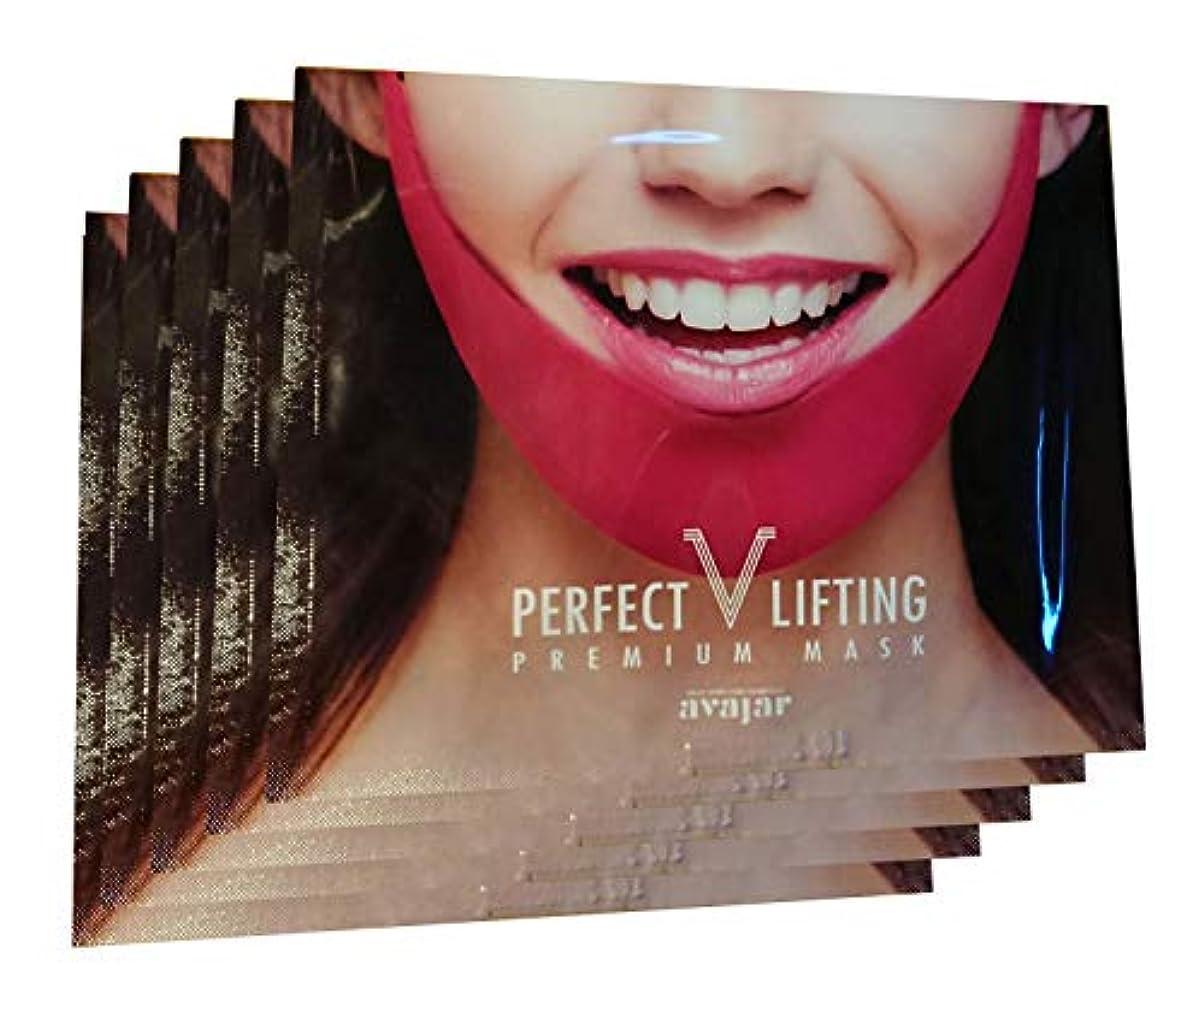 次へルネッサンス早熟Avajar 小顔効果と顎ラインを取り戻す! パーフェクトVリフティング 1パック